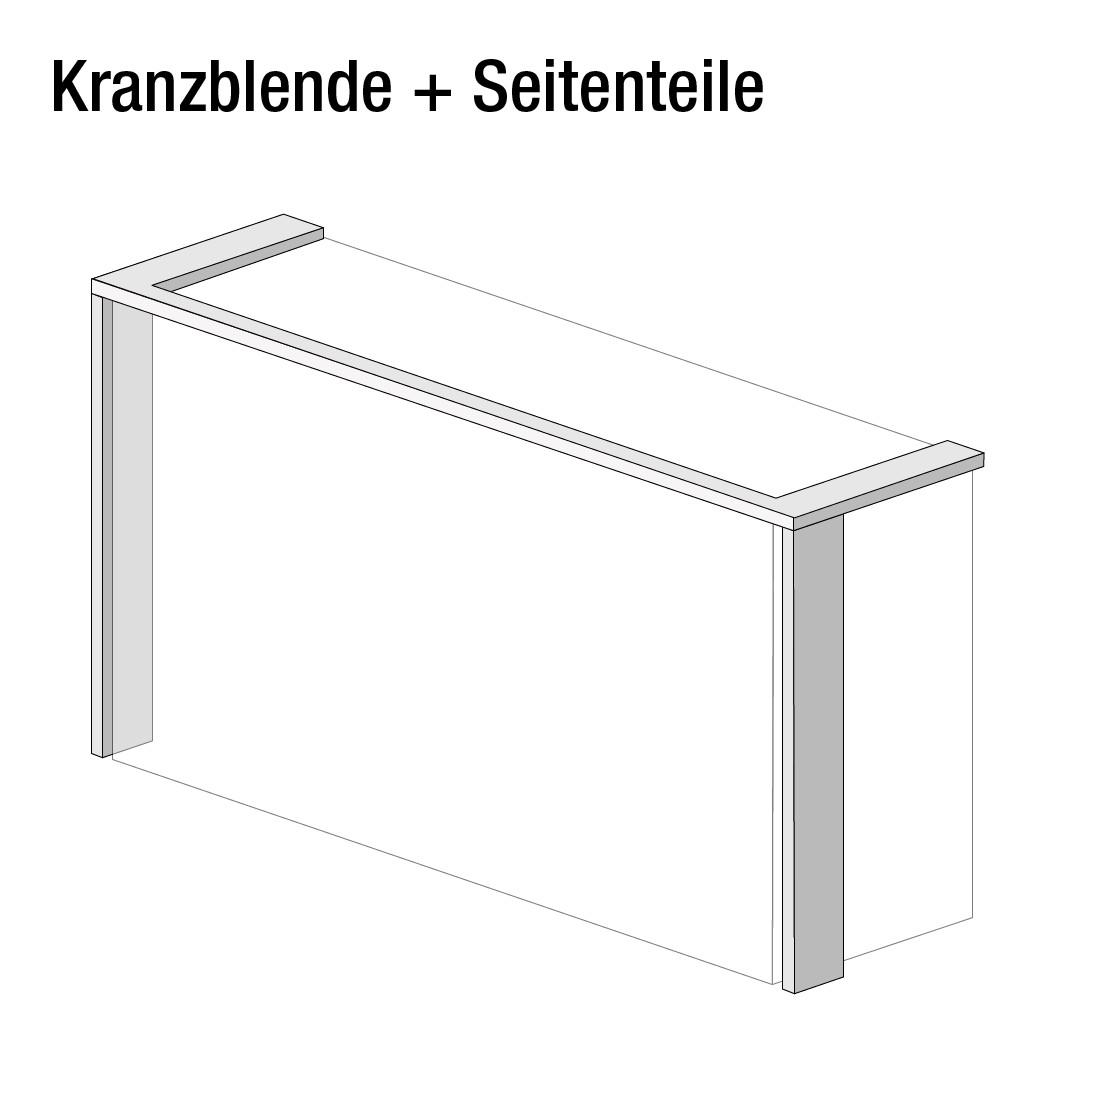 Kranzblende Skøp (mit Seitenteil) - Graphit - 405 cm (3-türig) - 236 cm